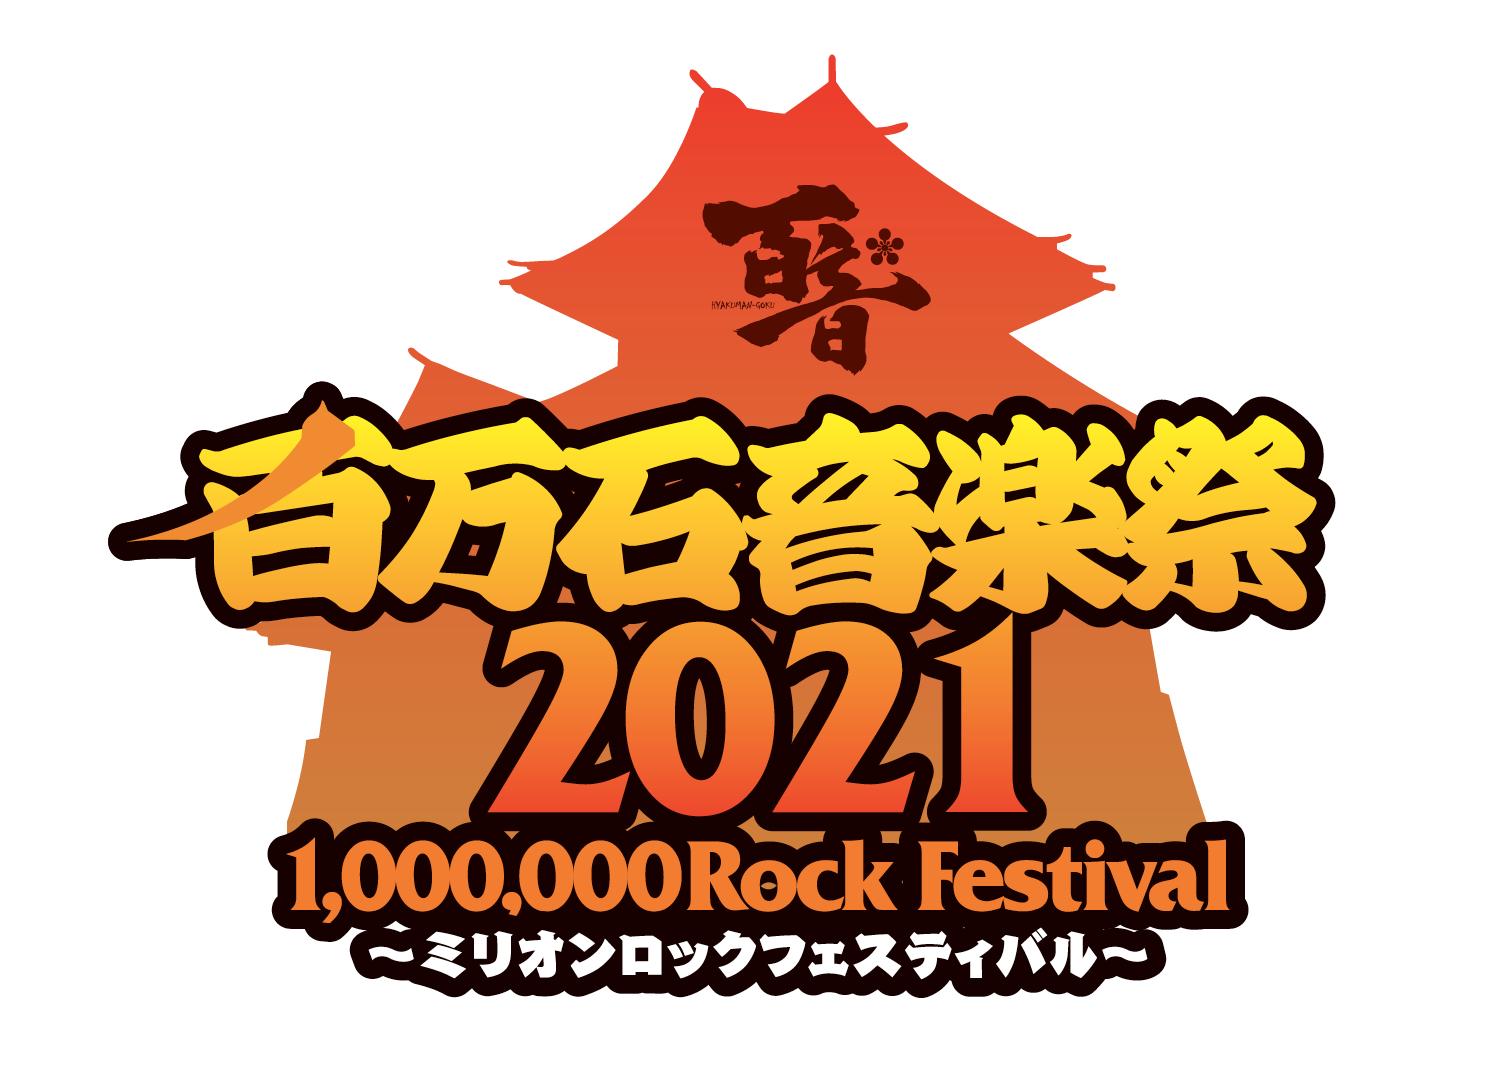 百万石音楽祭2021~ミリオンロックフェスティバル~